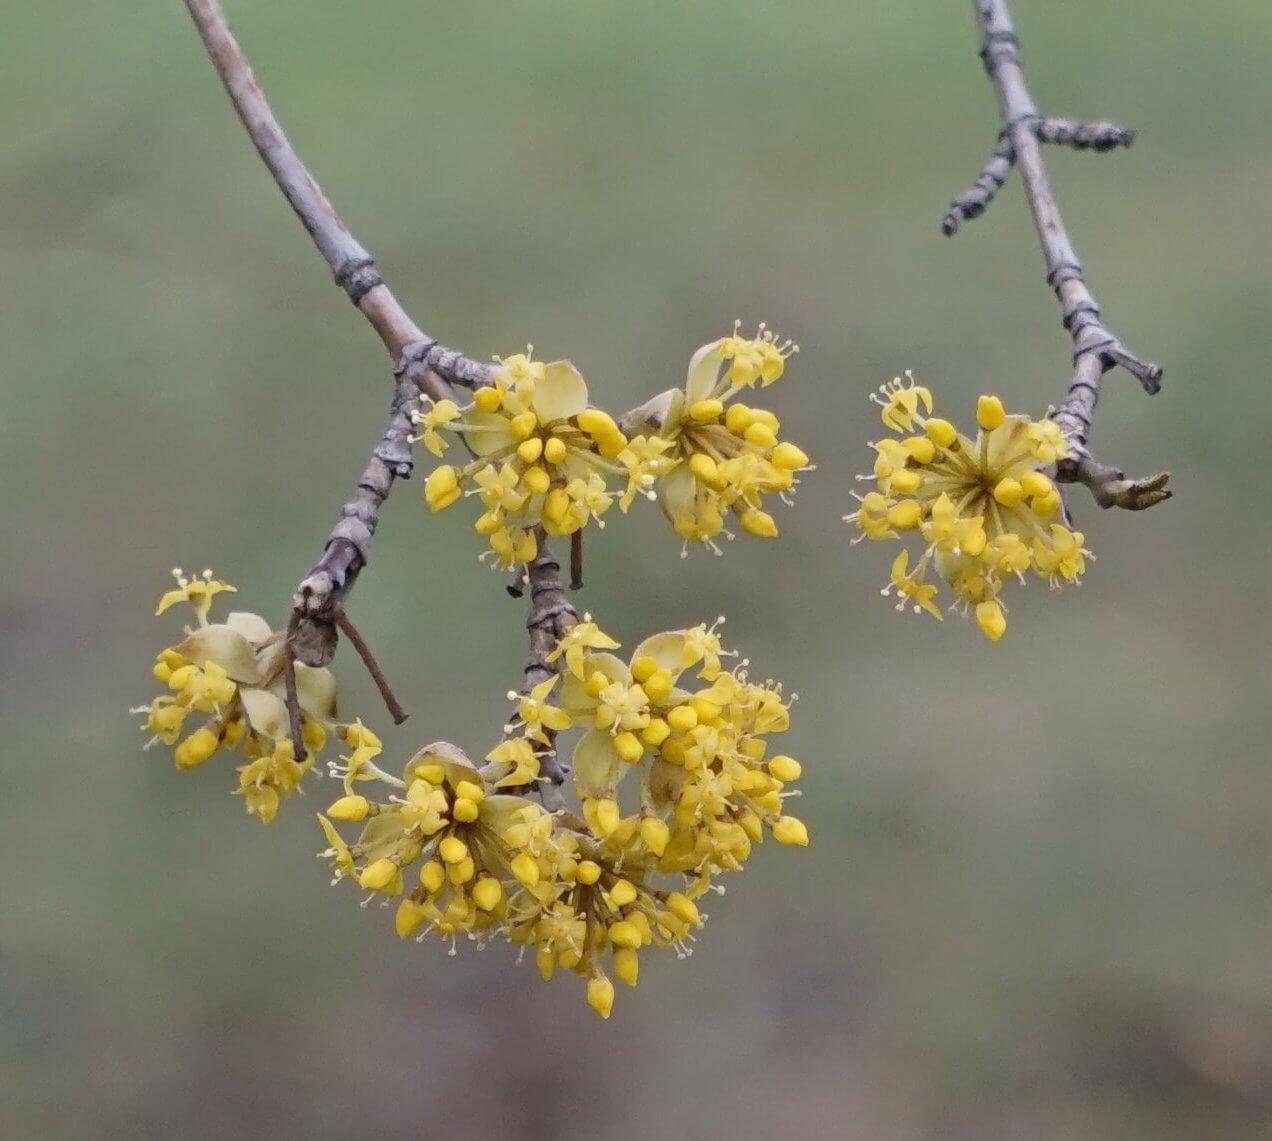 Das Bild zeigt die doldenartig verteilten kleinen Einzelblüten mit ihren 4 gelben Kronblättern. Sie öffnen sich im zeitigen Vorfrühling, hier im März 2021 im Kosmosviertel. Gut zu erkennen sind auch die 4 derben Knospenschuppen.